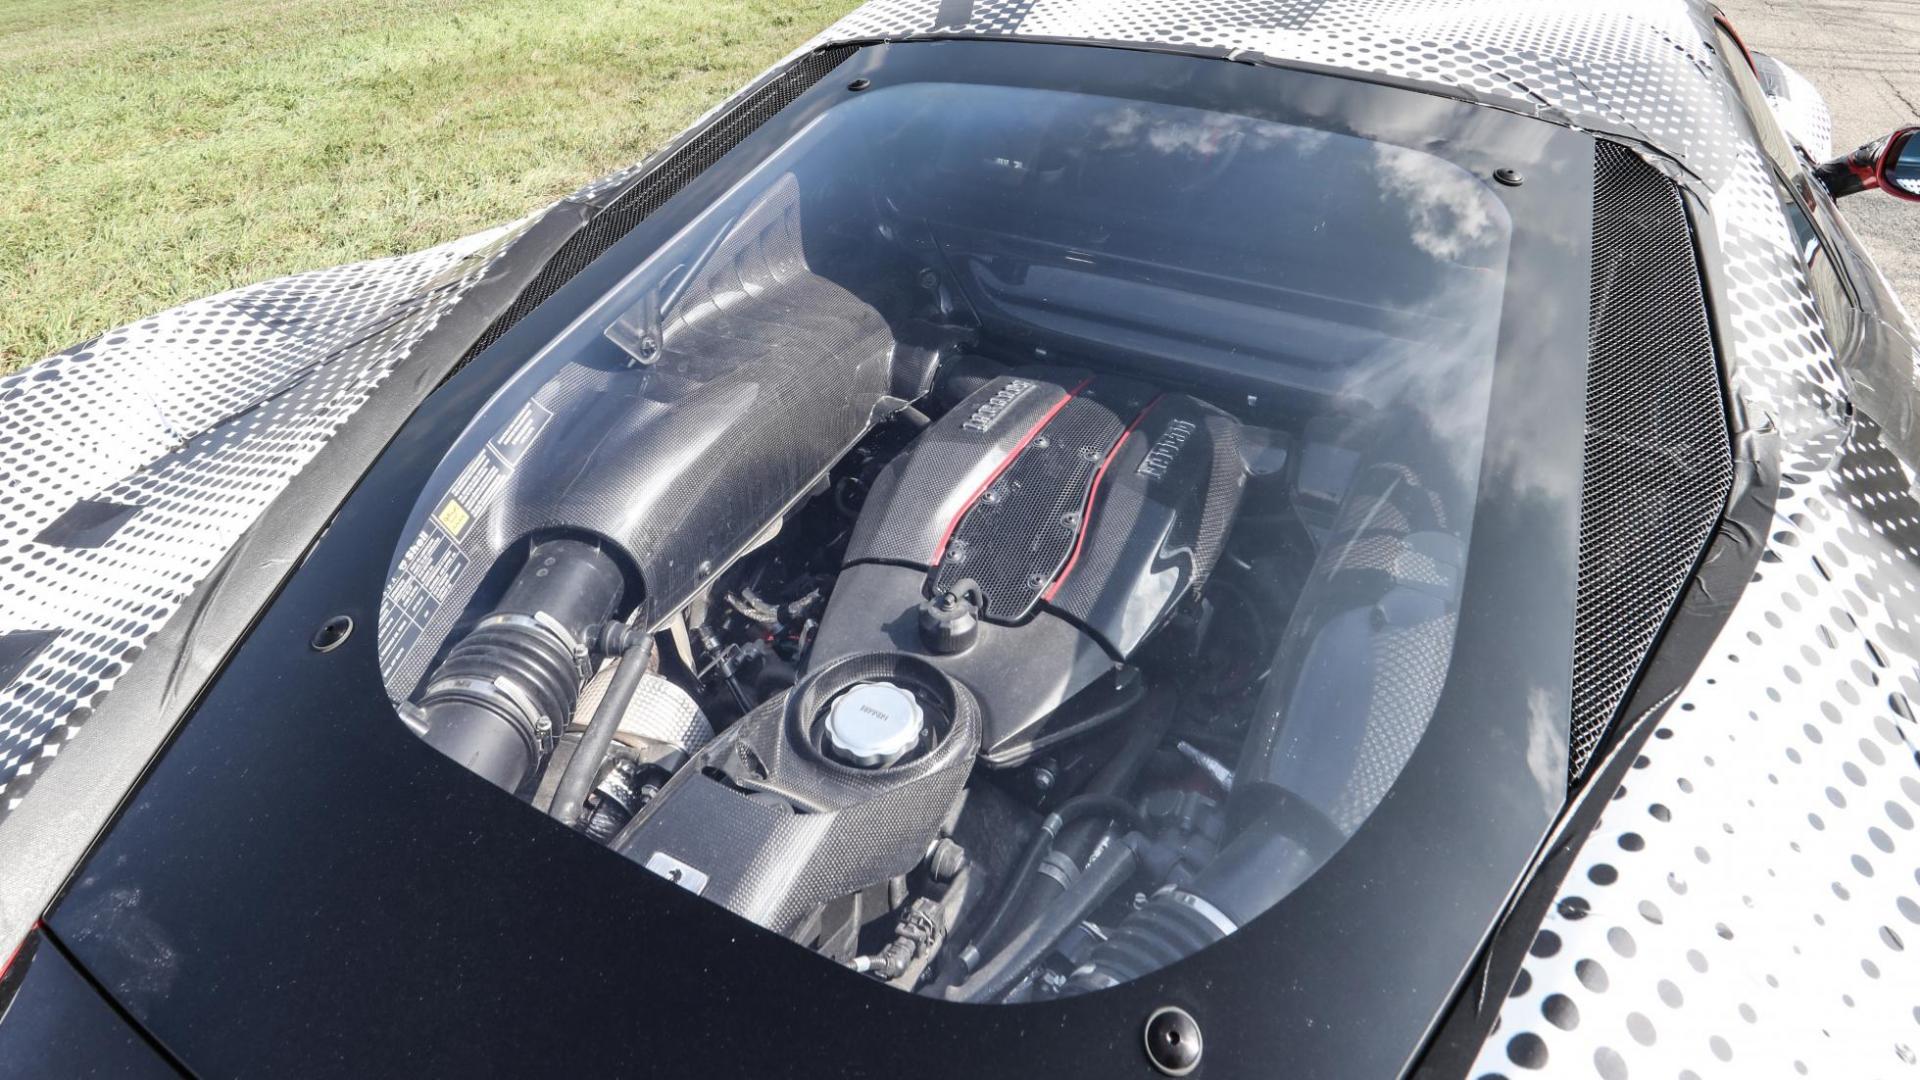 Ferrari 488 Pista motor (2018)